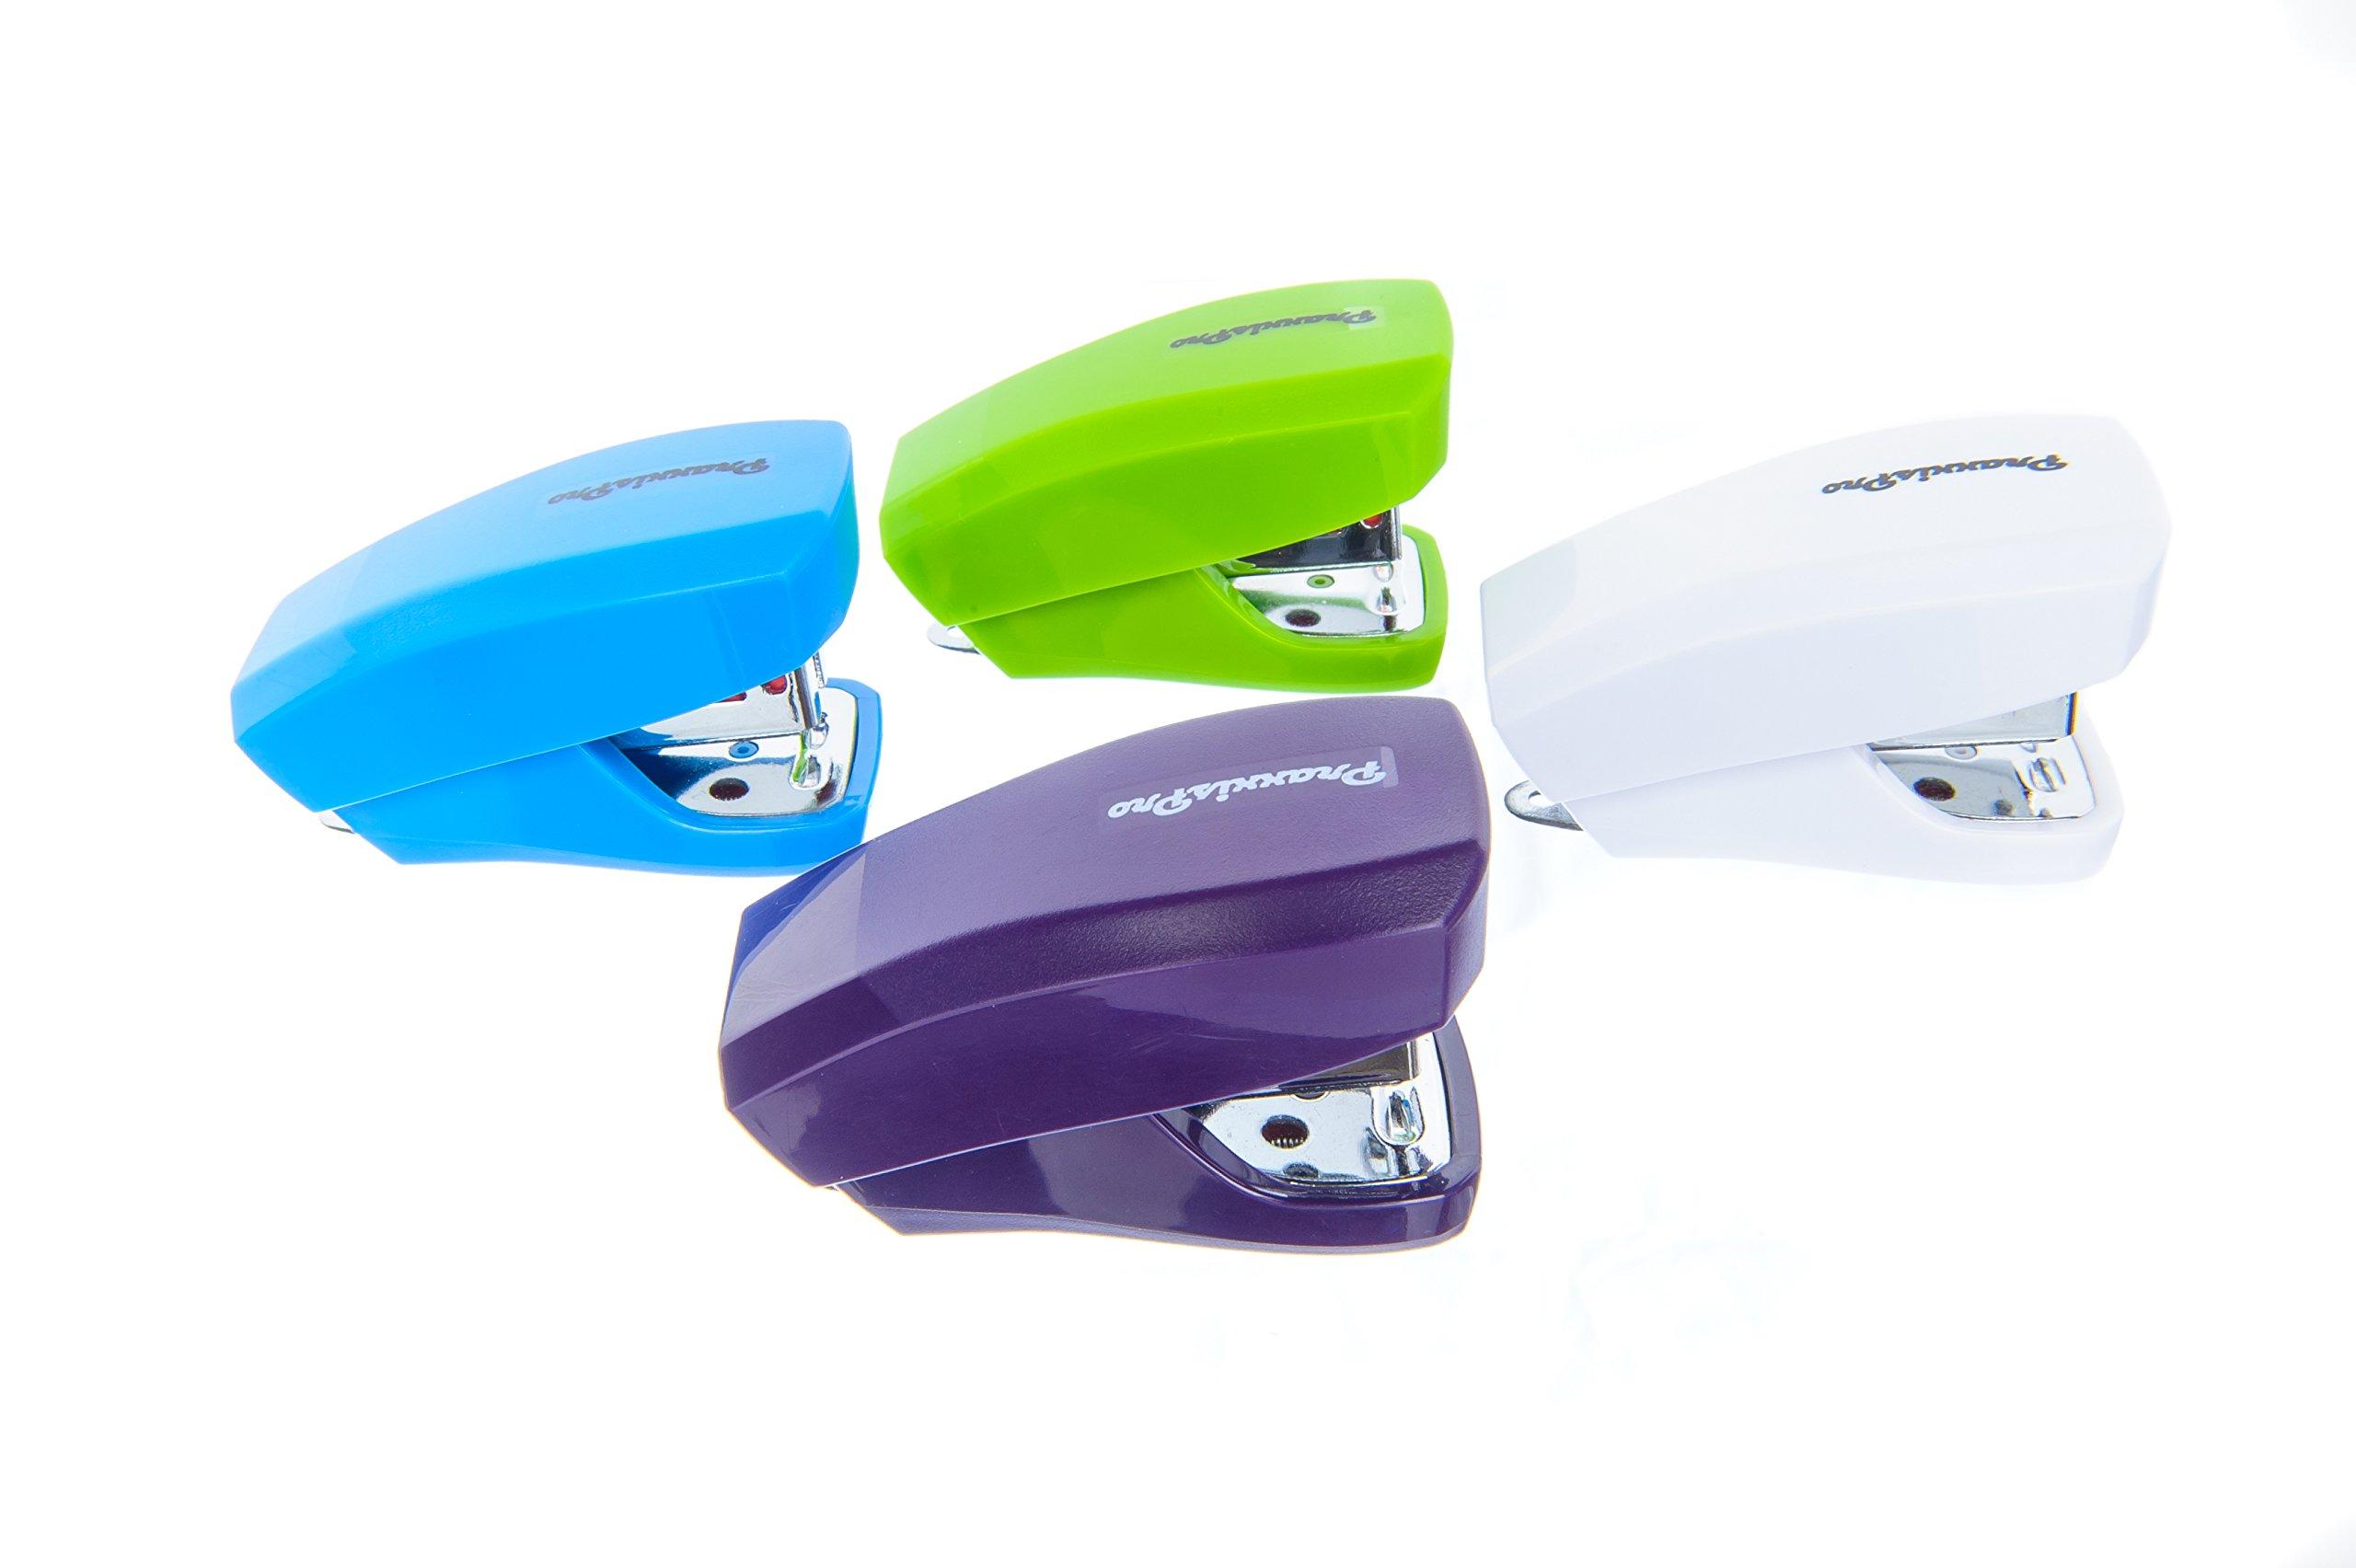 PraxxisPro Stapler Set, Mini Staplers, Built-In Staple Remover, Set of 4, Lifetime Warranty (Green, White, Blue, Purple)